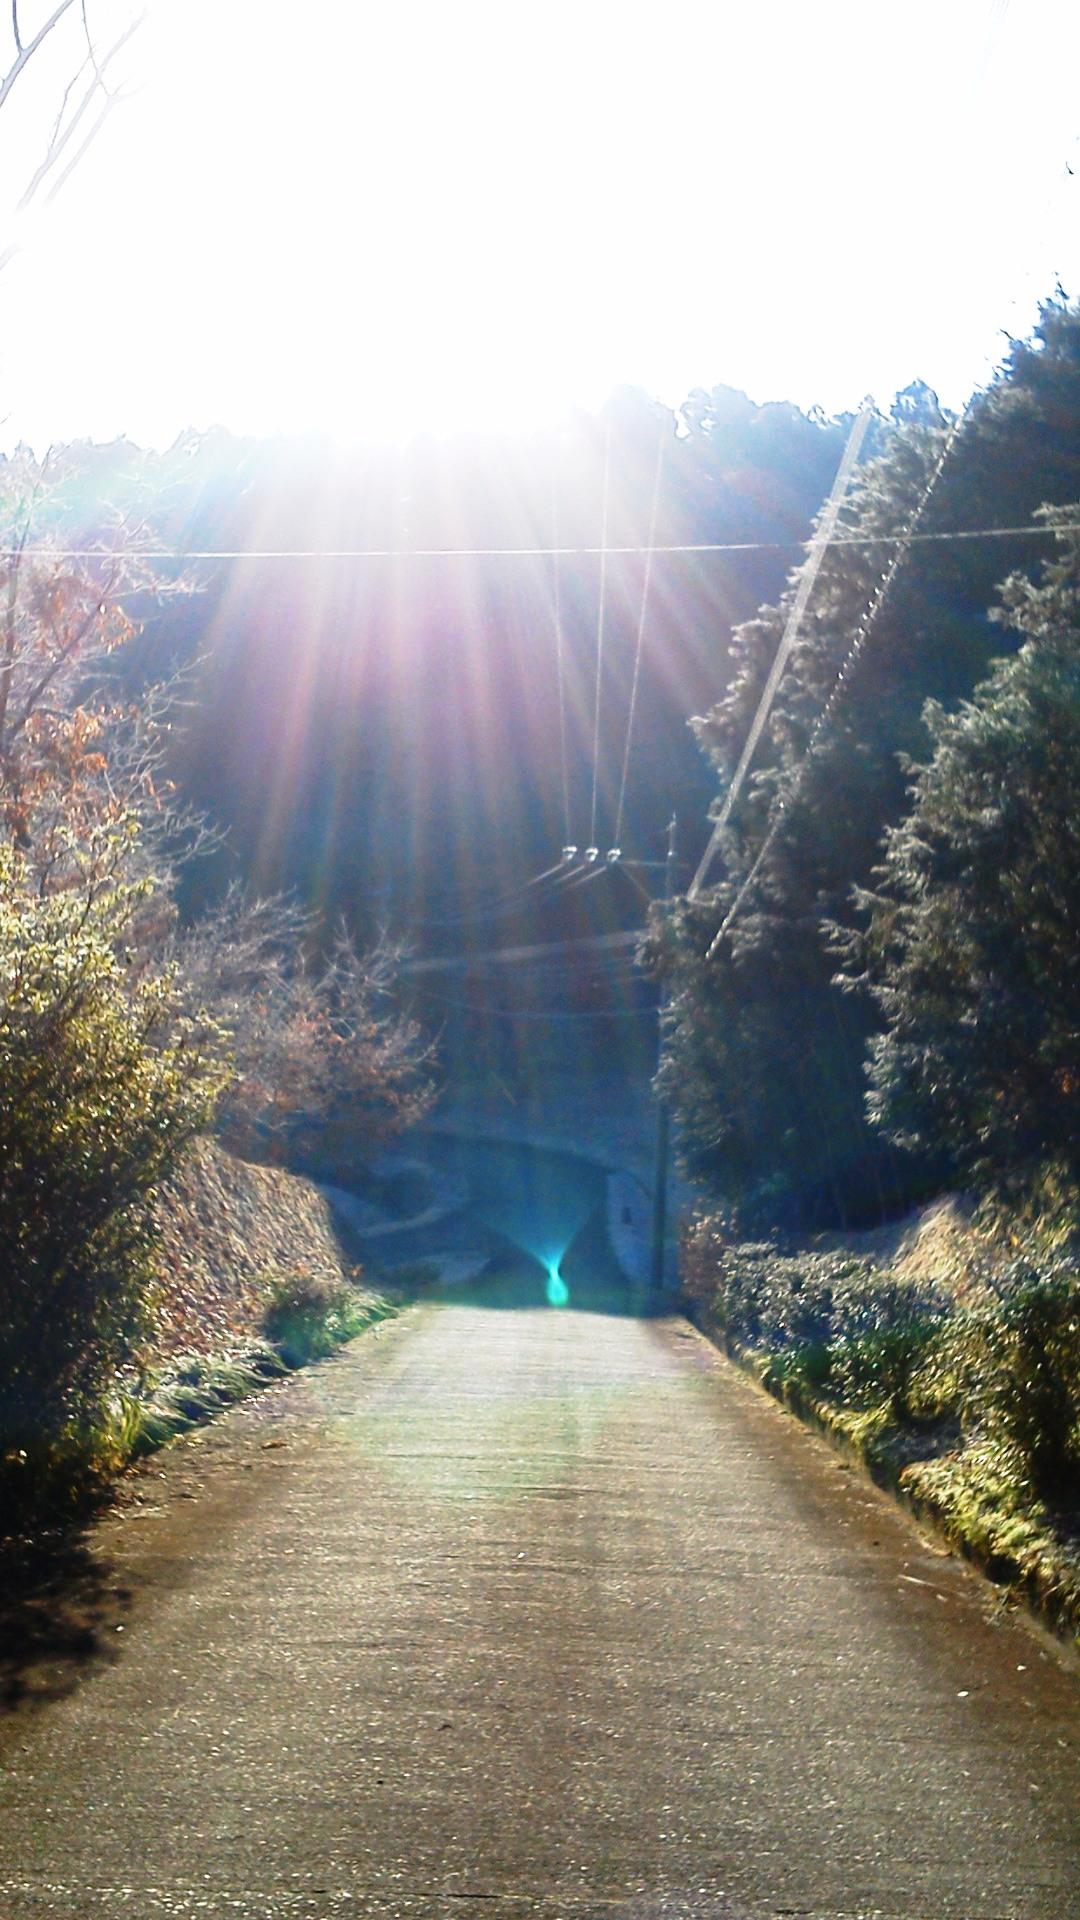 キラキラ☆光のシャワー_a0174458_1311363.jpg